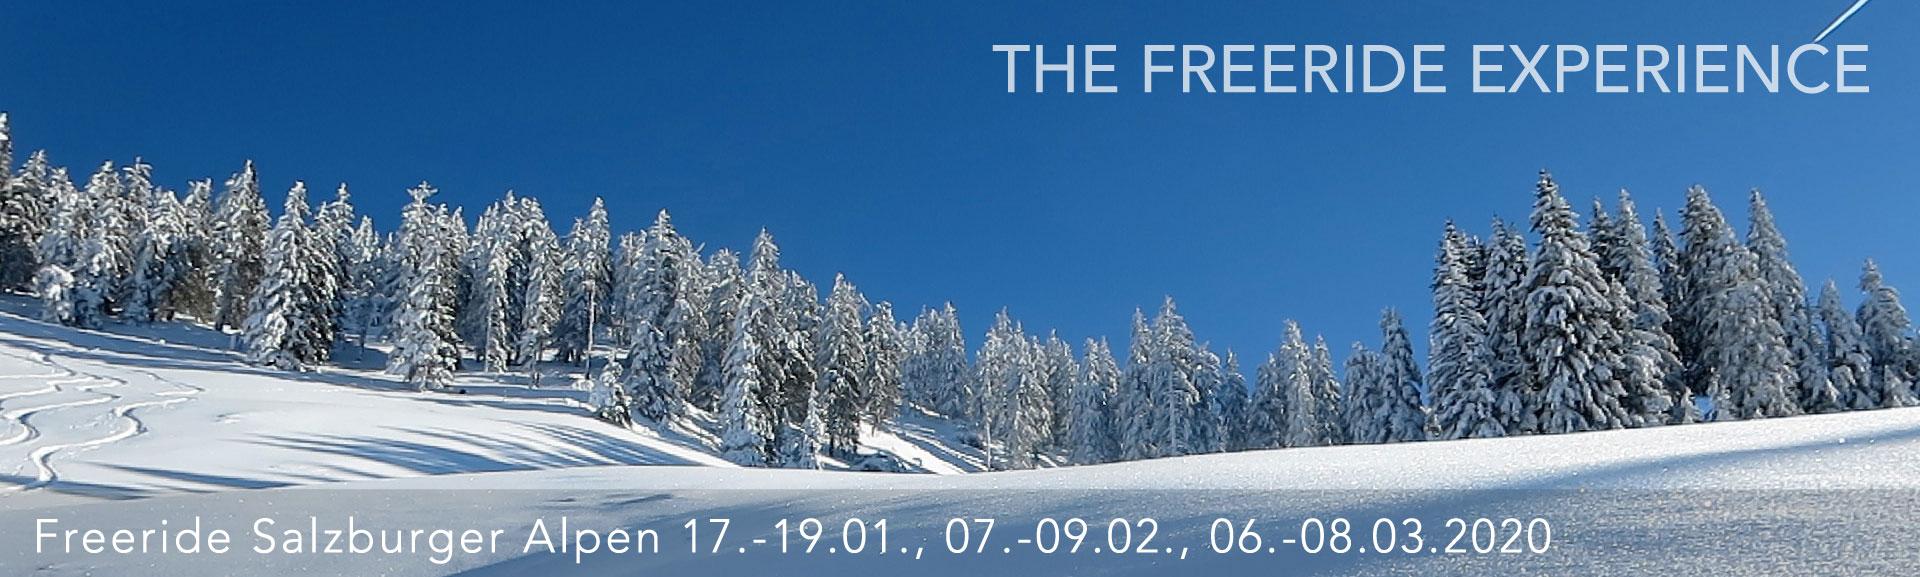 Freeriding Salzburger Alpen